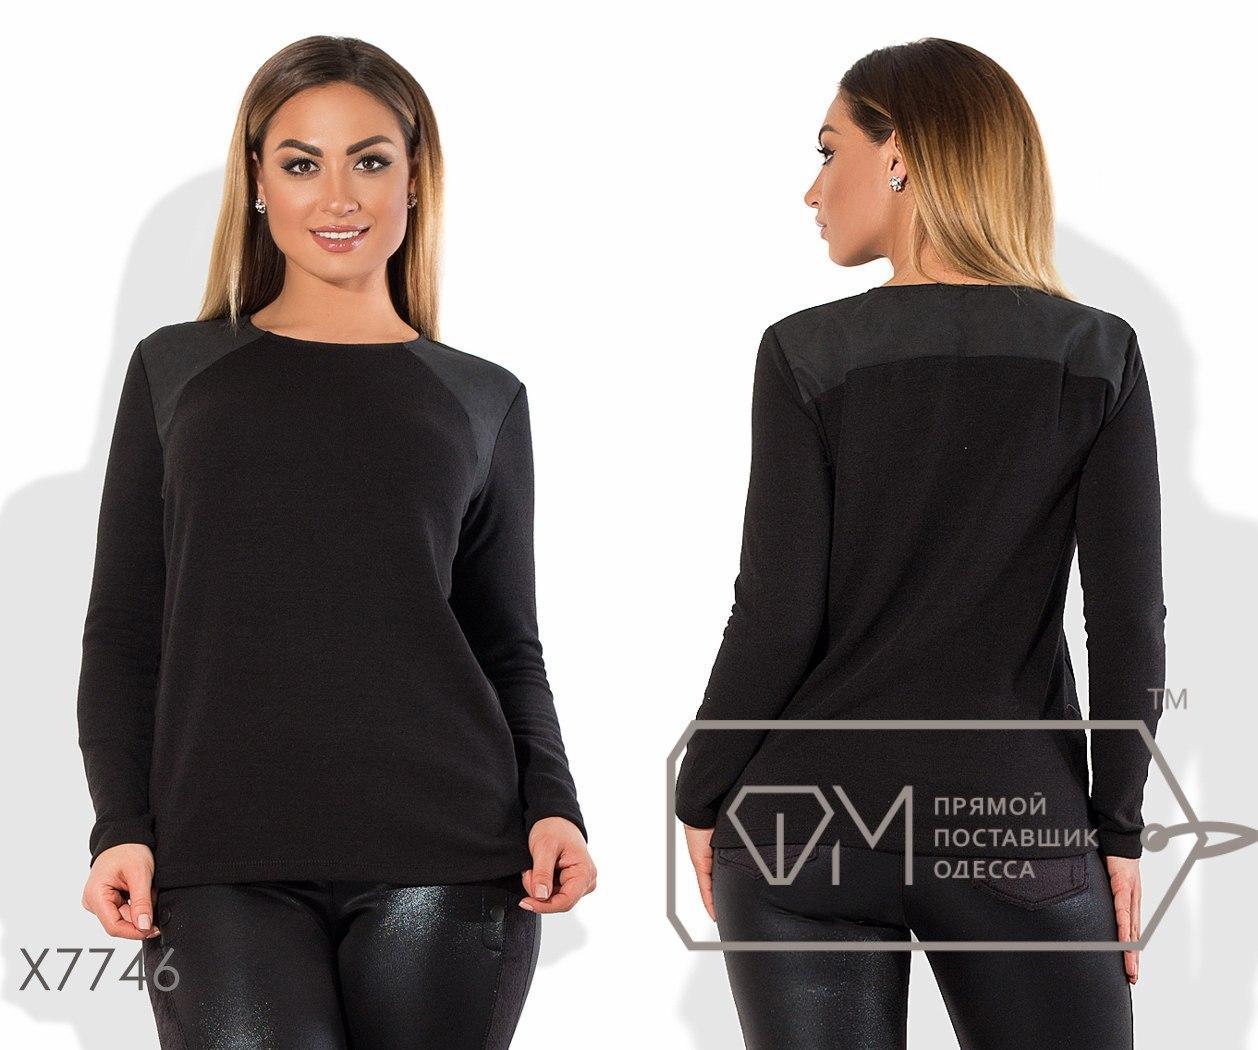 Женский свитер в больших размерах из ангоры fmx7746